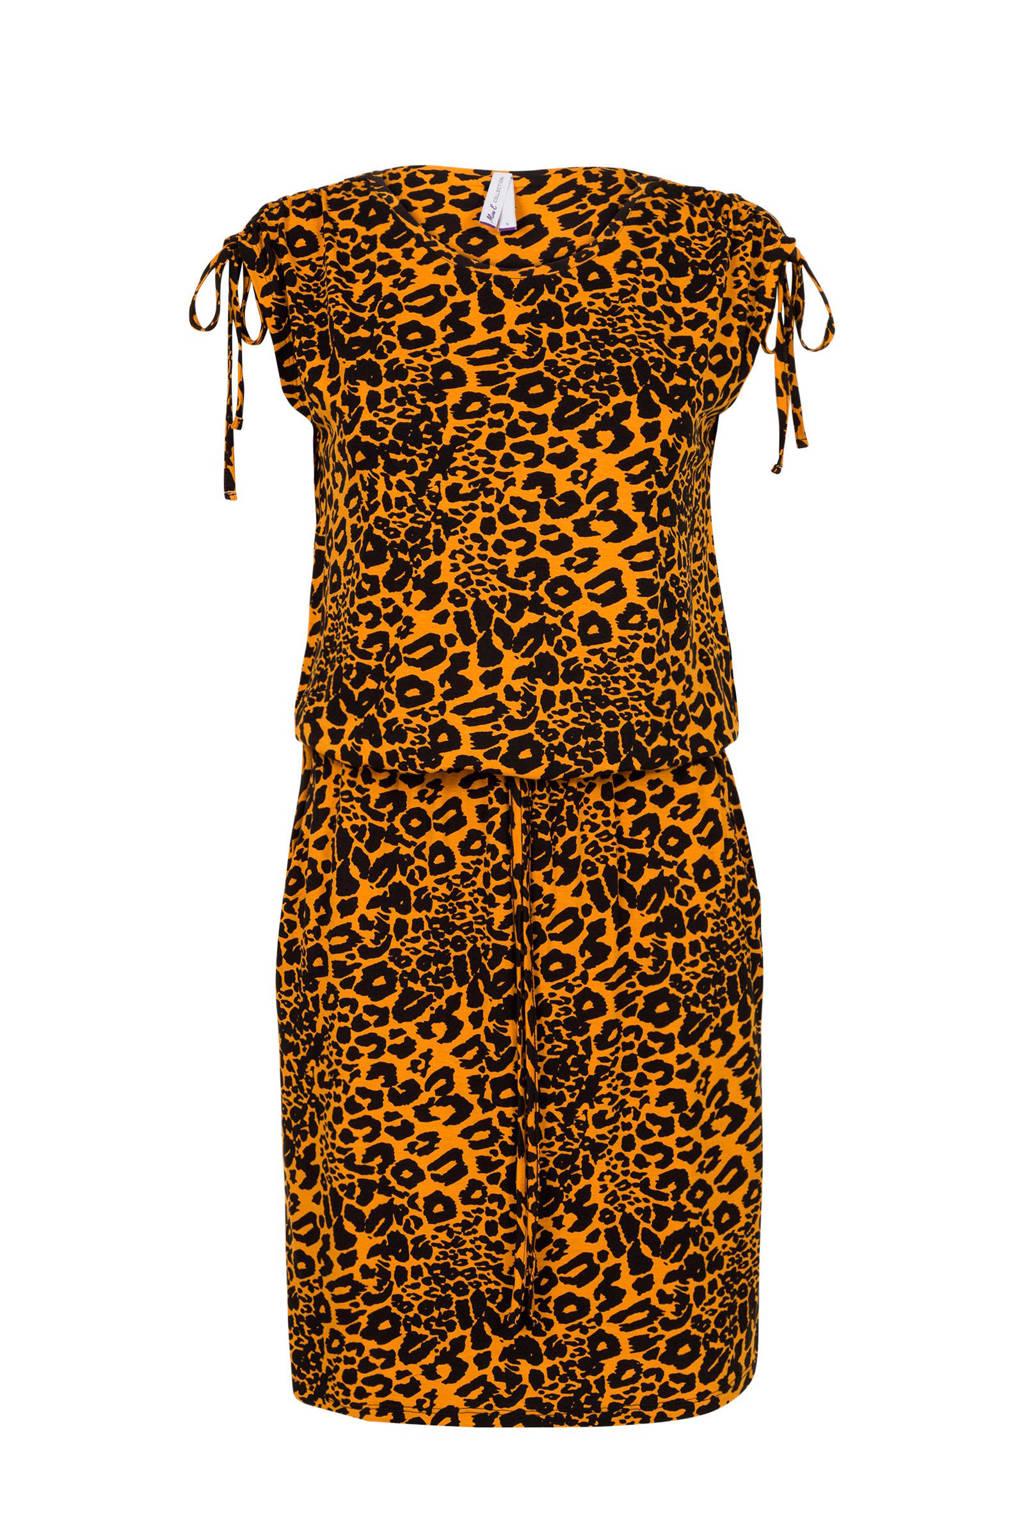 Miss Etam Regulier jurk met panterprint geel, Geel